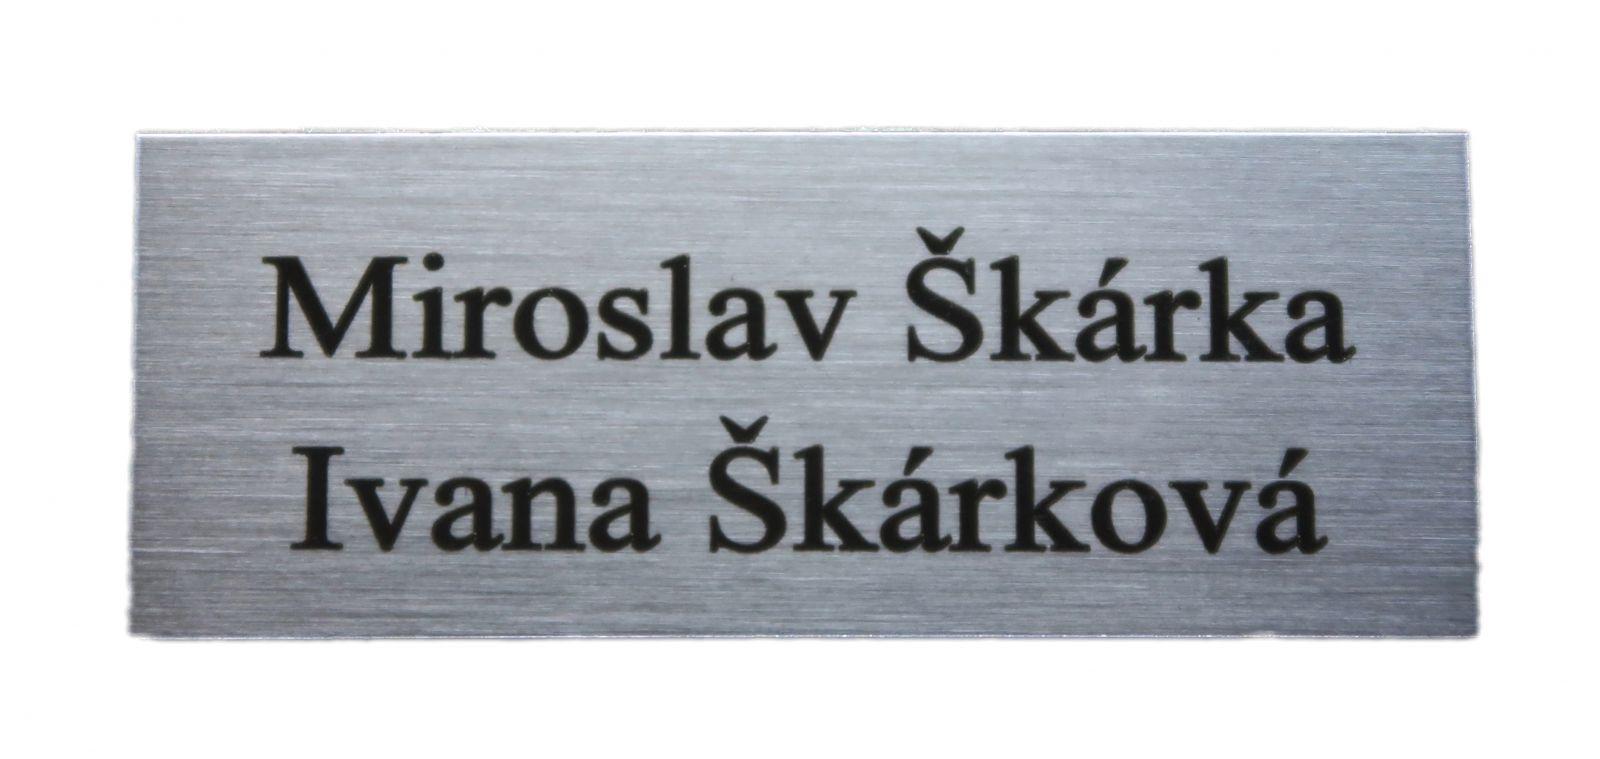 Mosazný stříbrný broušený dveřní štítek 65x30 mm